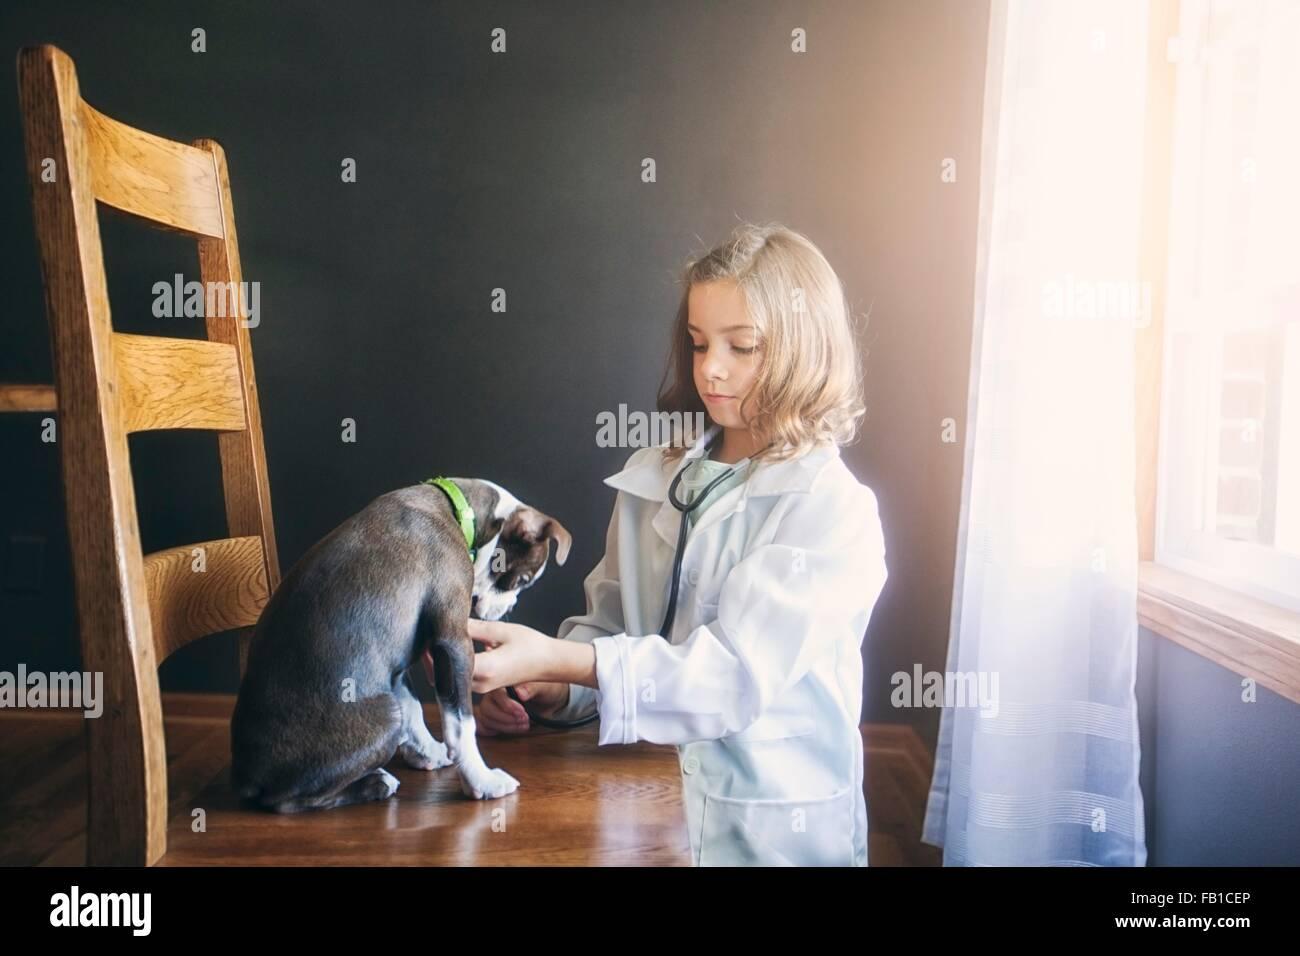 Niña vestidos como médico de rodillas tendiendo a Boston Terrier cachorro sentado en una silla Imagen De Stock